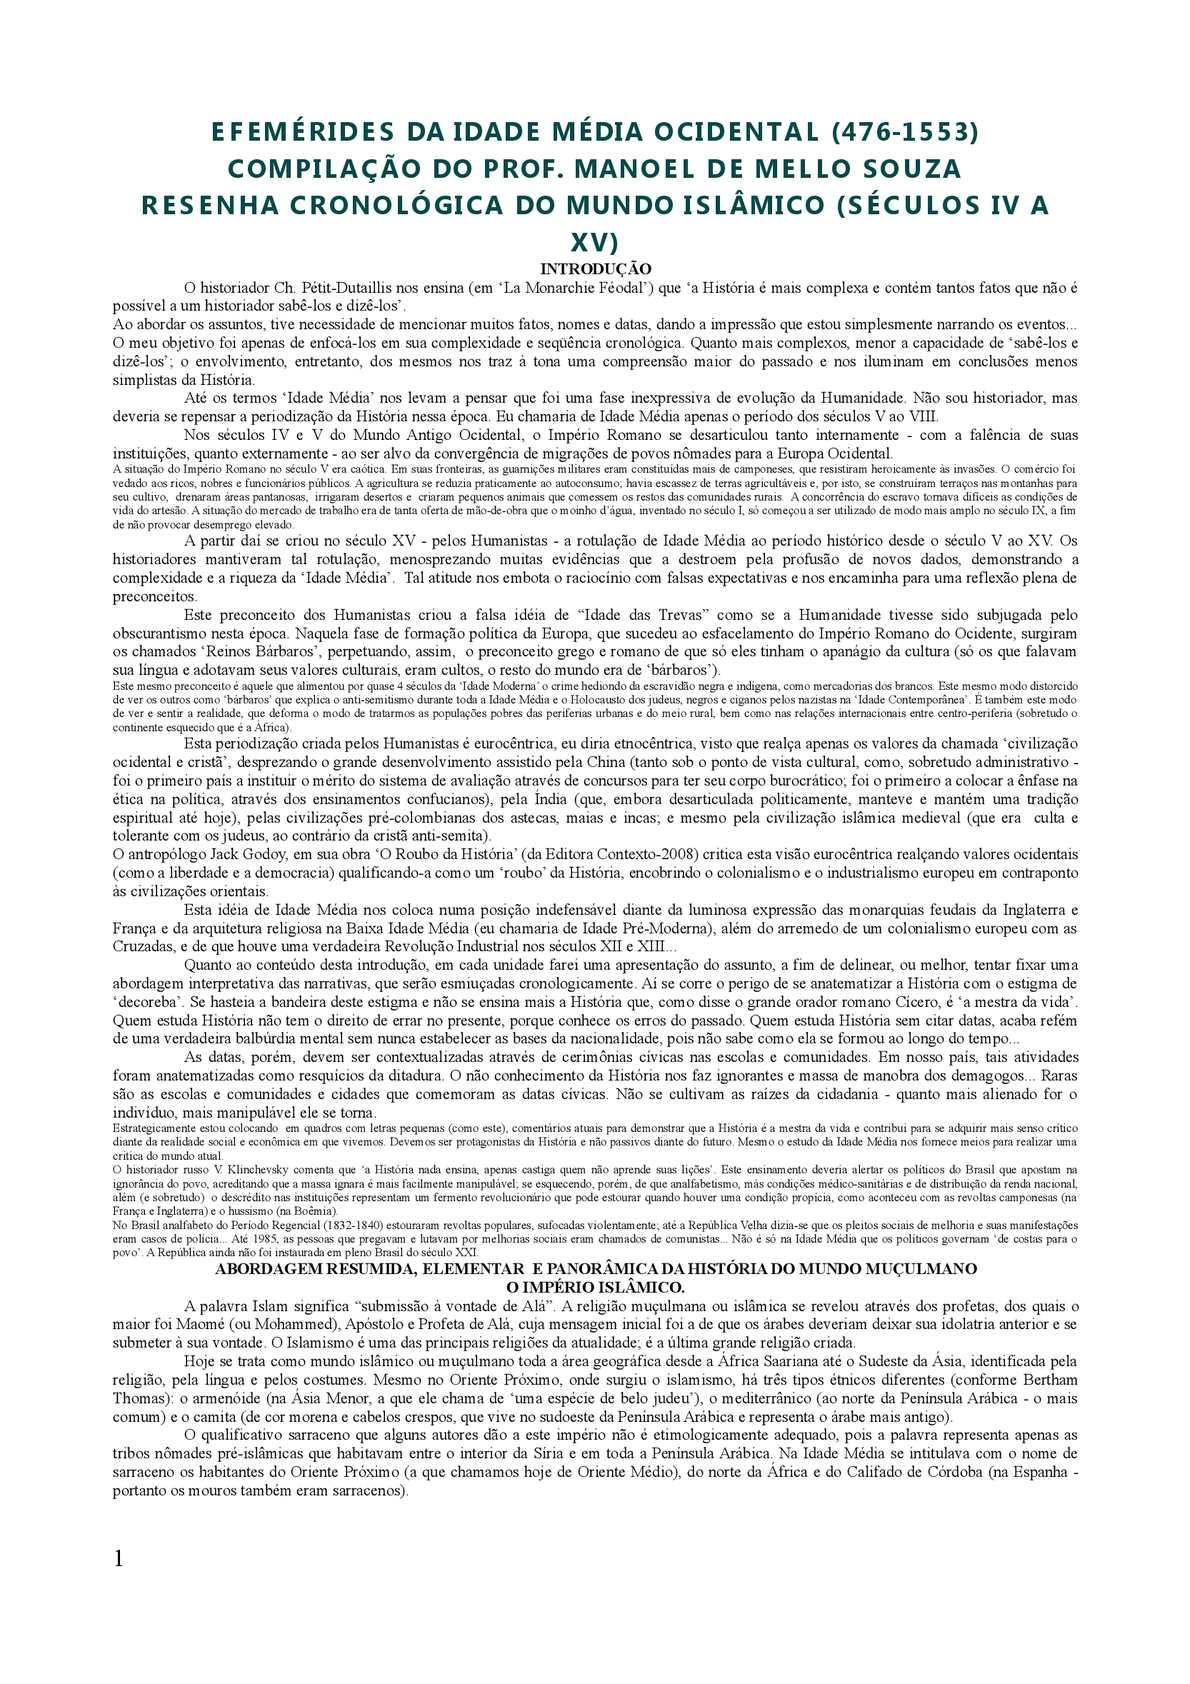 Árabes-Cronologia do Mundo Islâmico Medieval